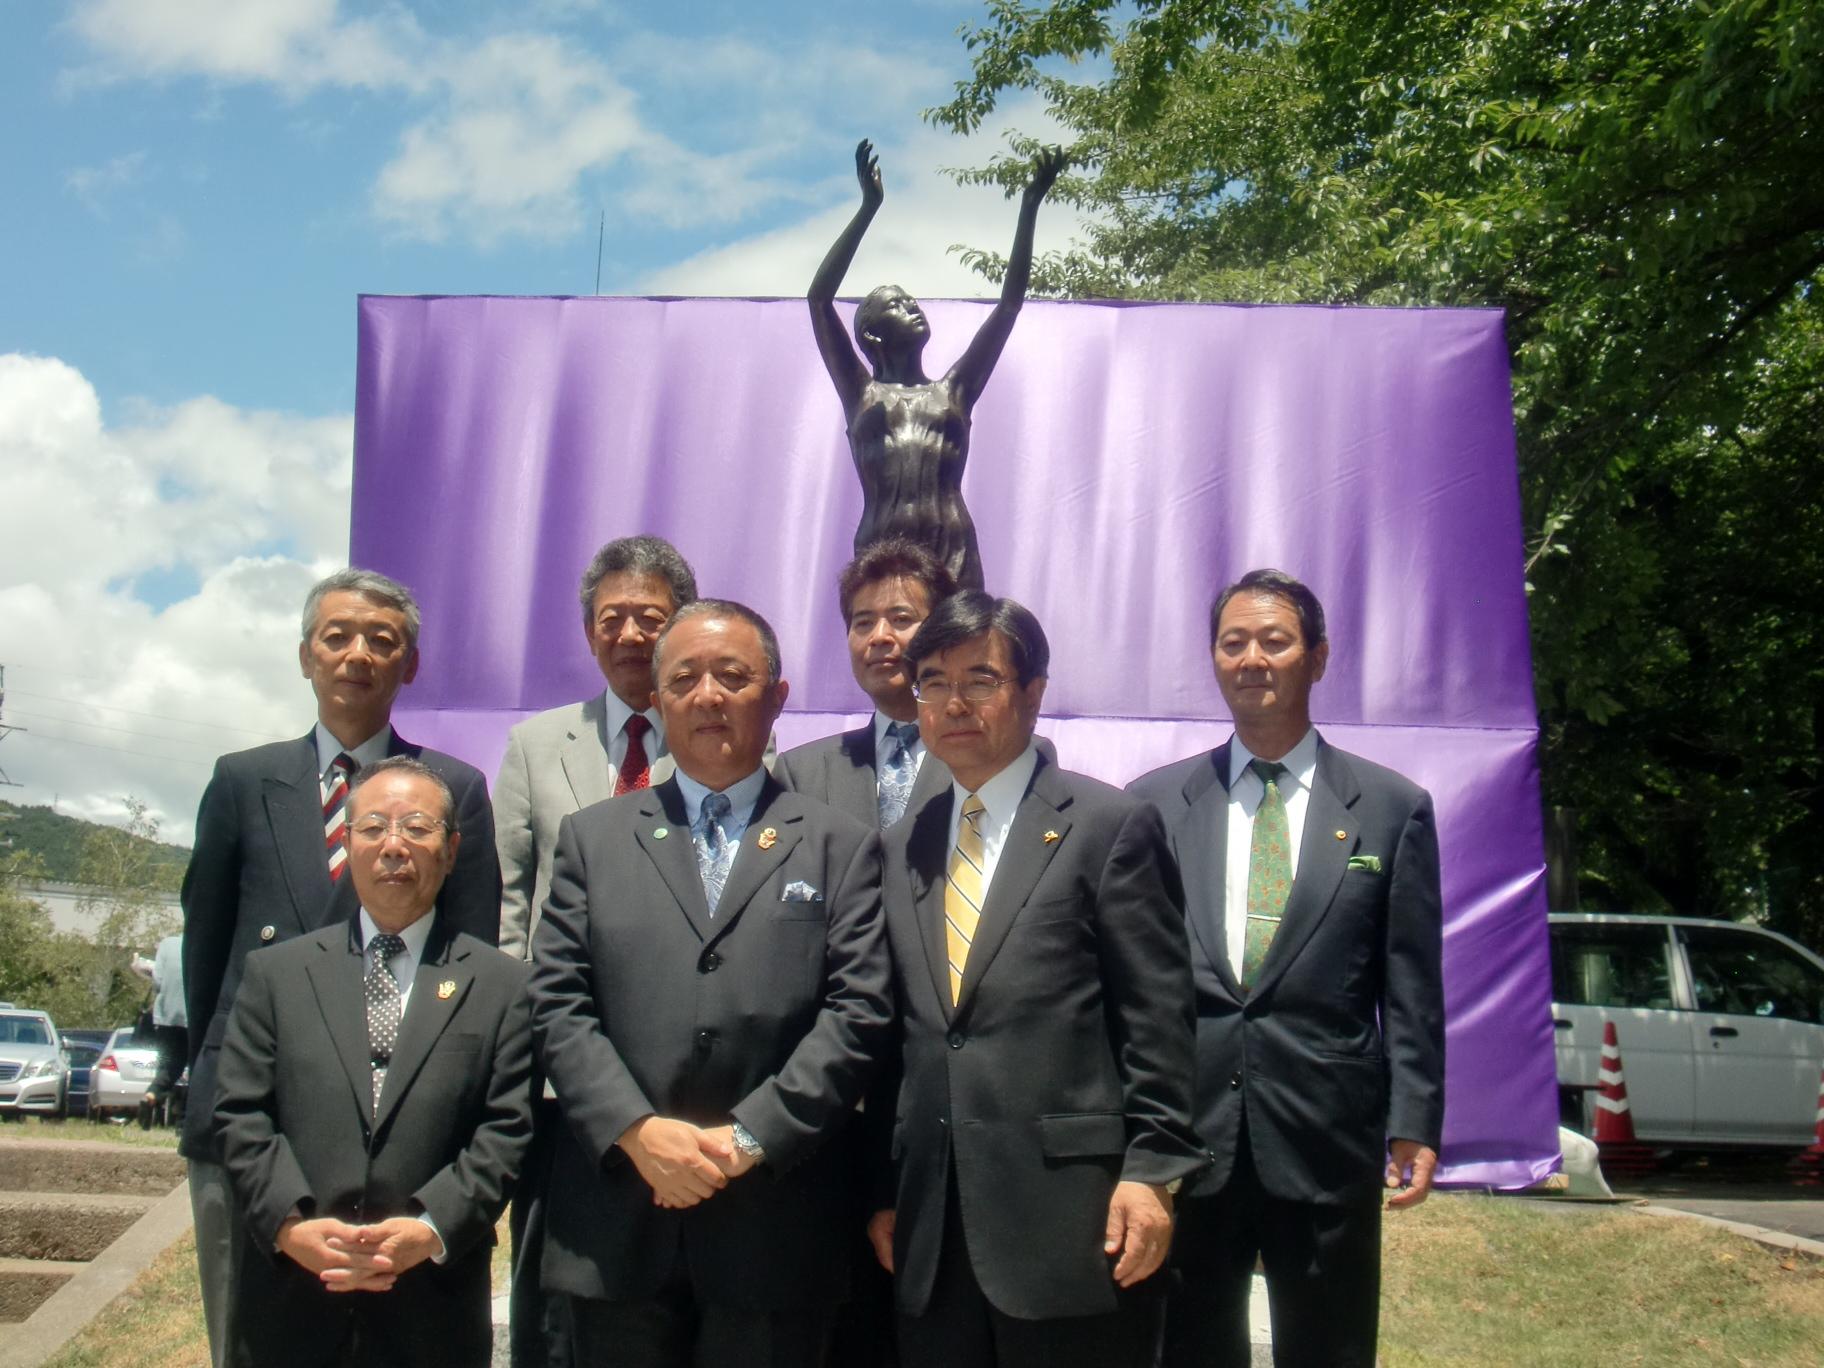 茅野ライオンズクラブ結成50周年茅野レオクラブ結成40周年記念式典